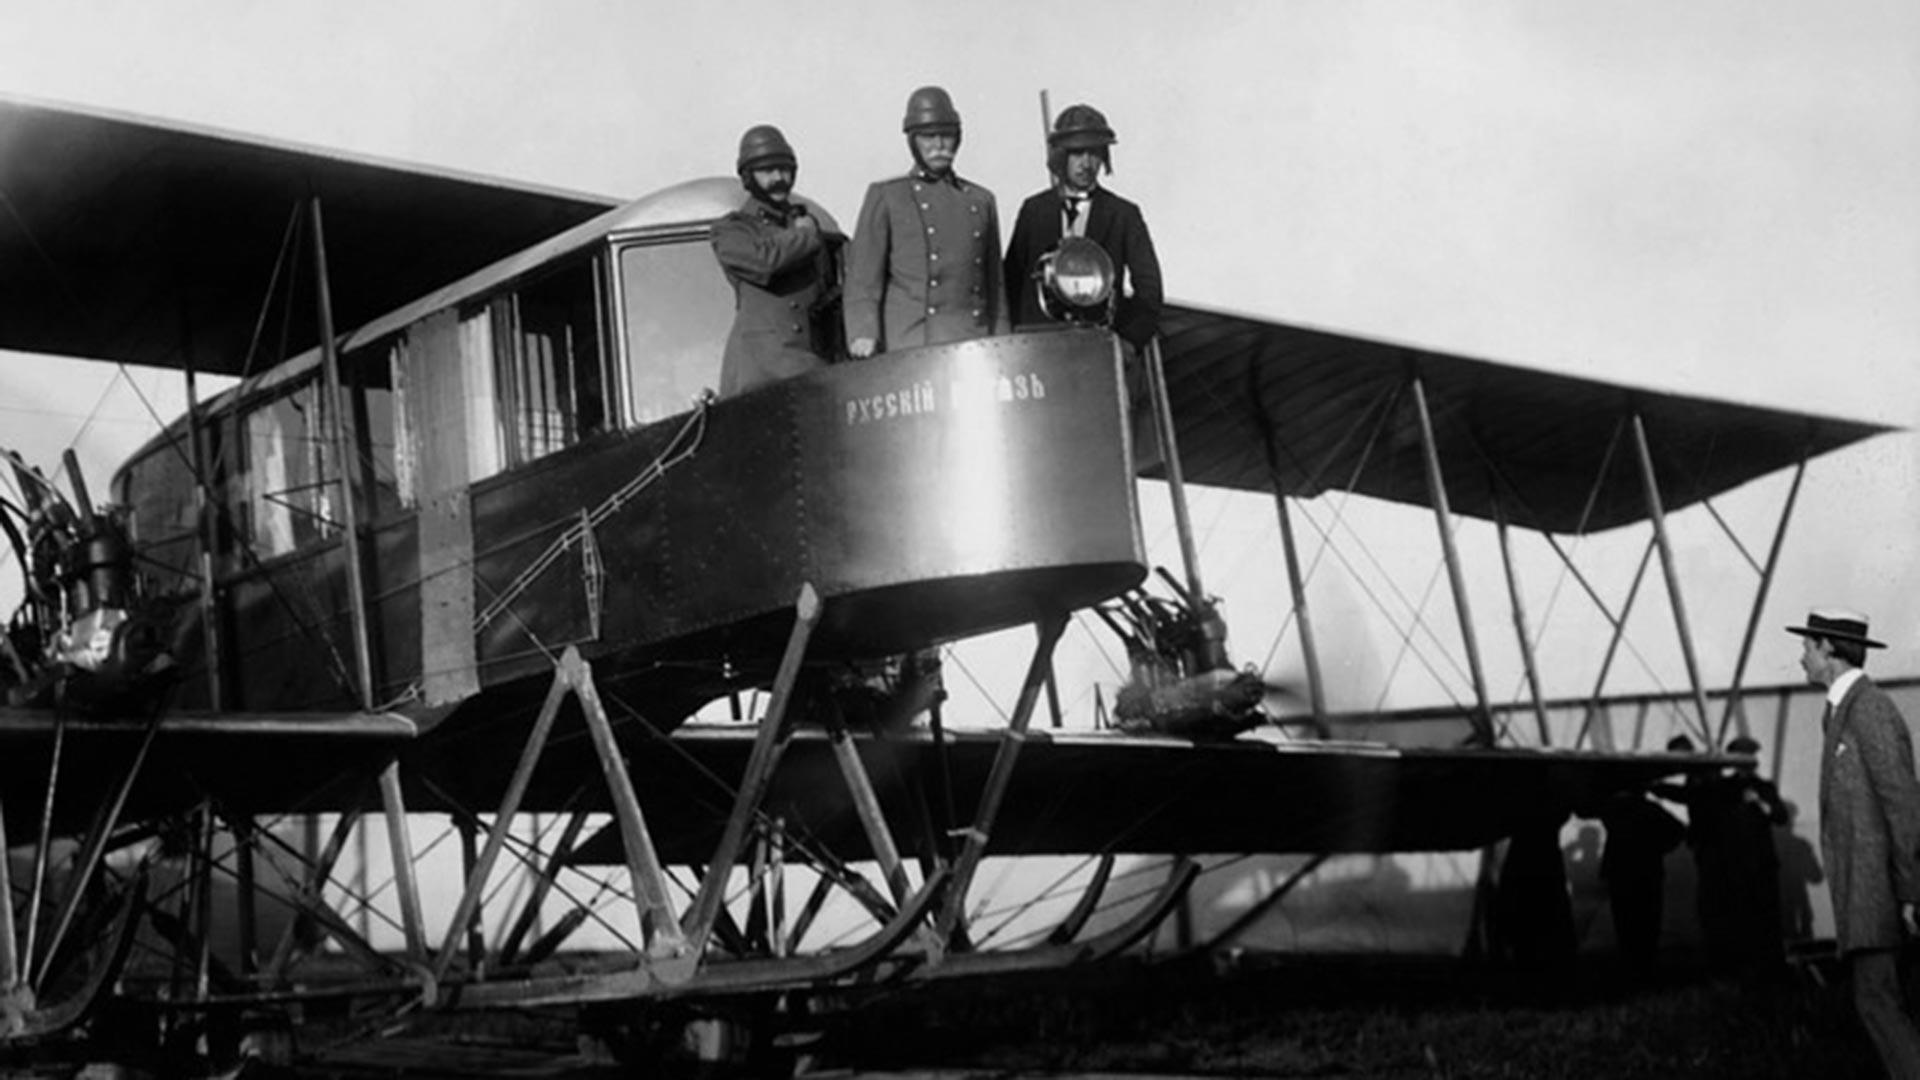 Le pionnier de l'aviation Igor Sikorsky (à droite) à bord de l'avion russe Rousski Vitiaz